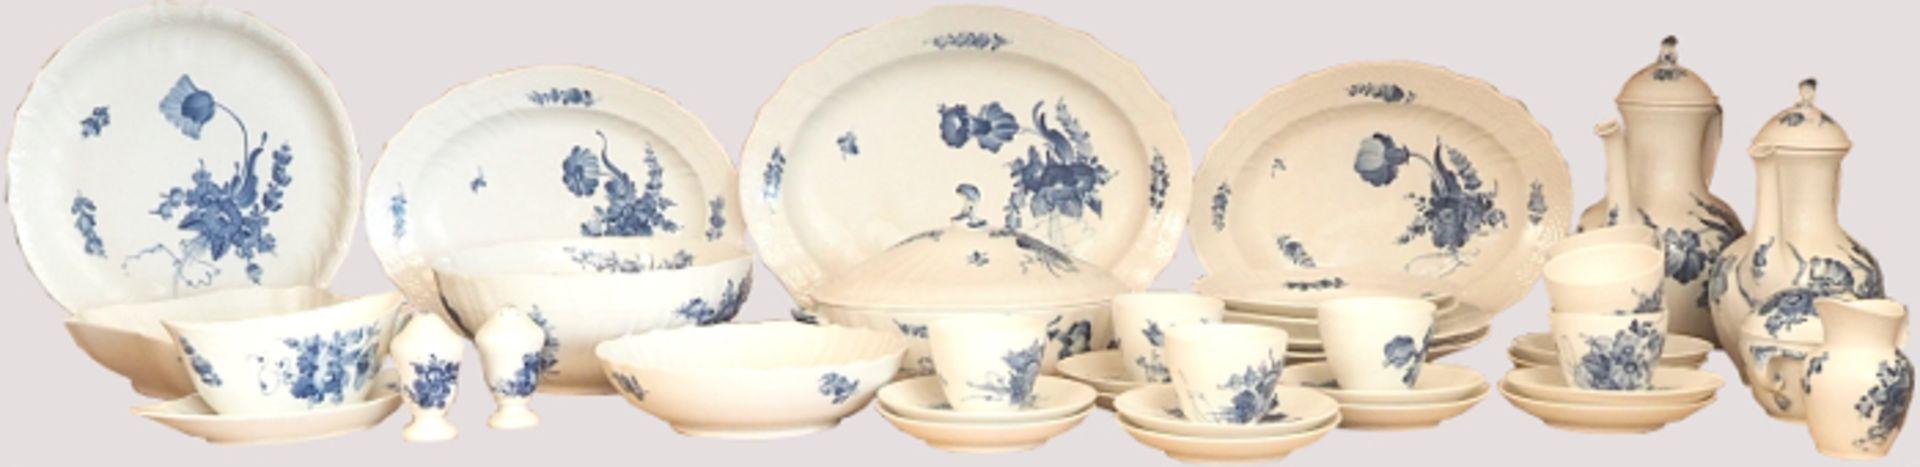 1 Speise-/Kaffeeservice Porzellan ROYAL COPENHAGENweiß-blau, für ca. 8 Personen, Platten, Terrinen